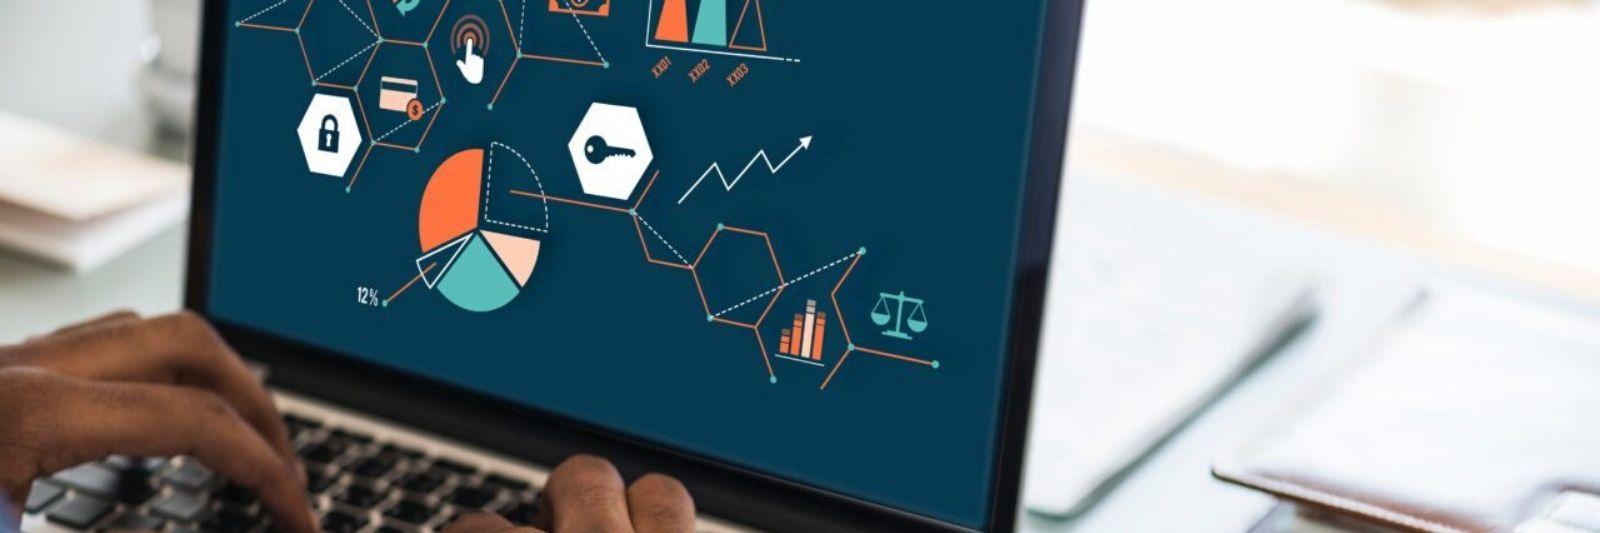 Los retos del Big Data en las empresas y cómo resolverlos